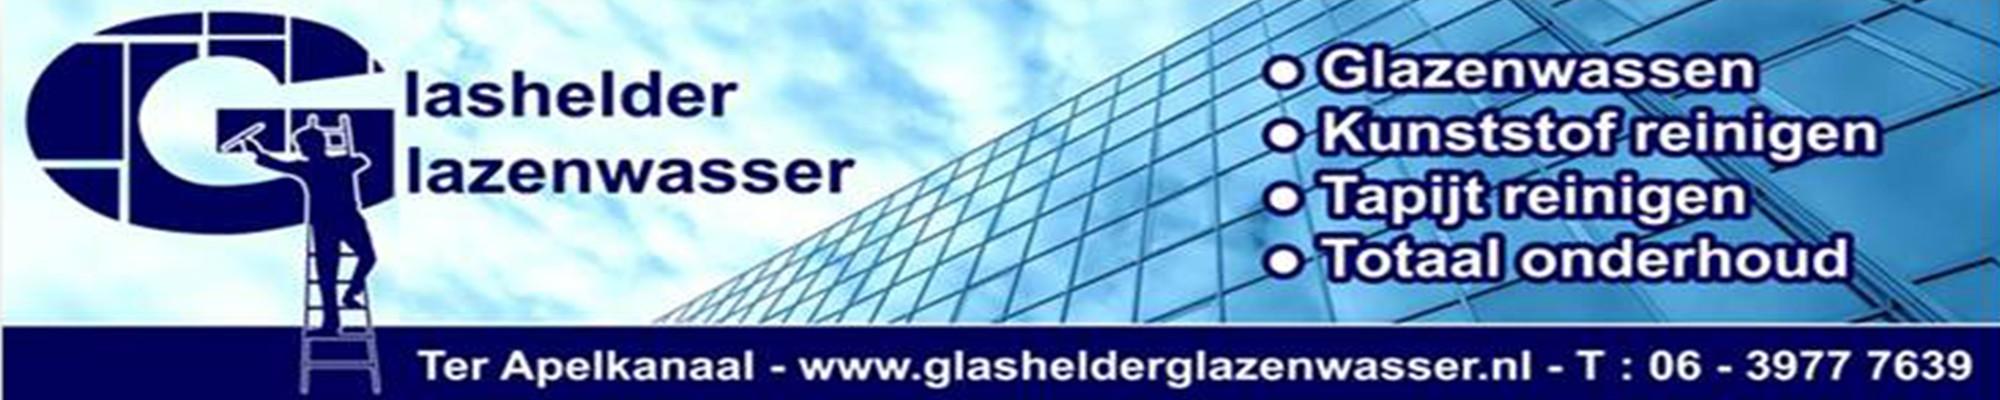 Glashelder glazenwasser ter apel